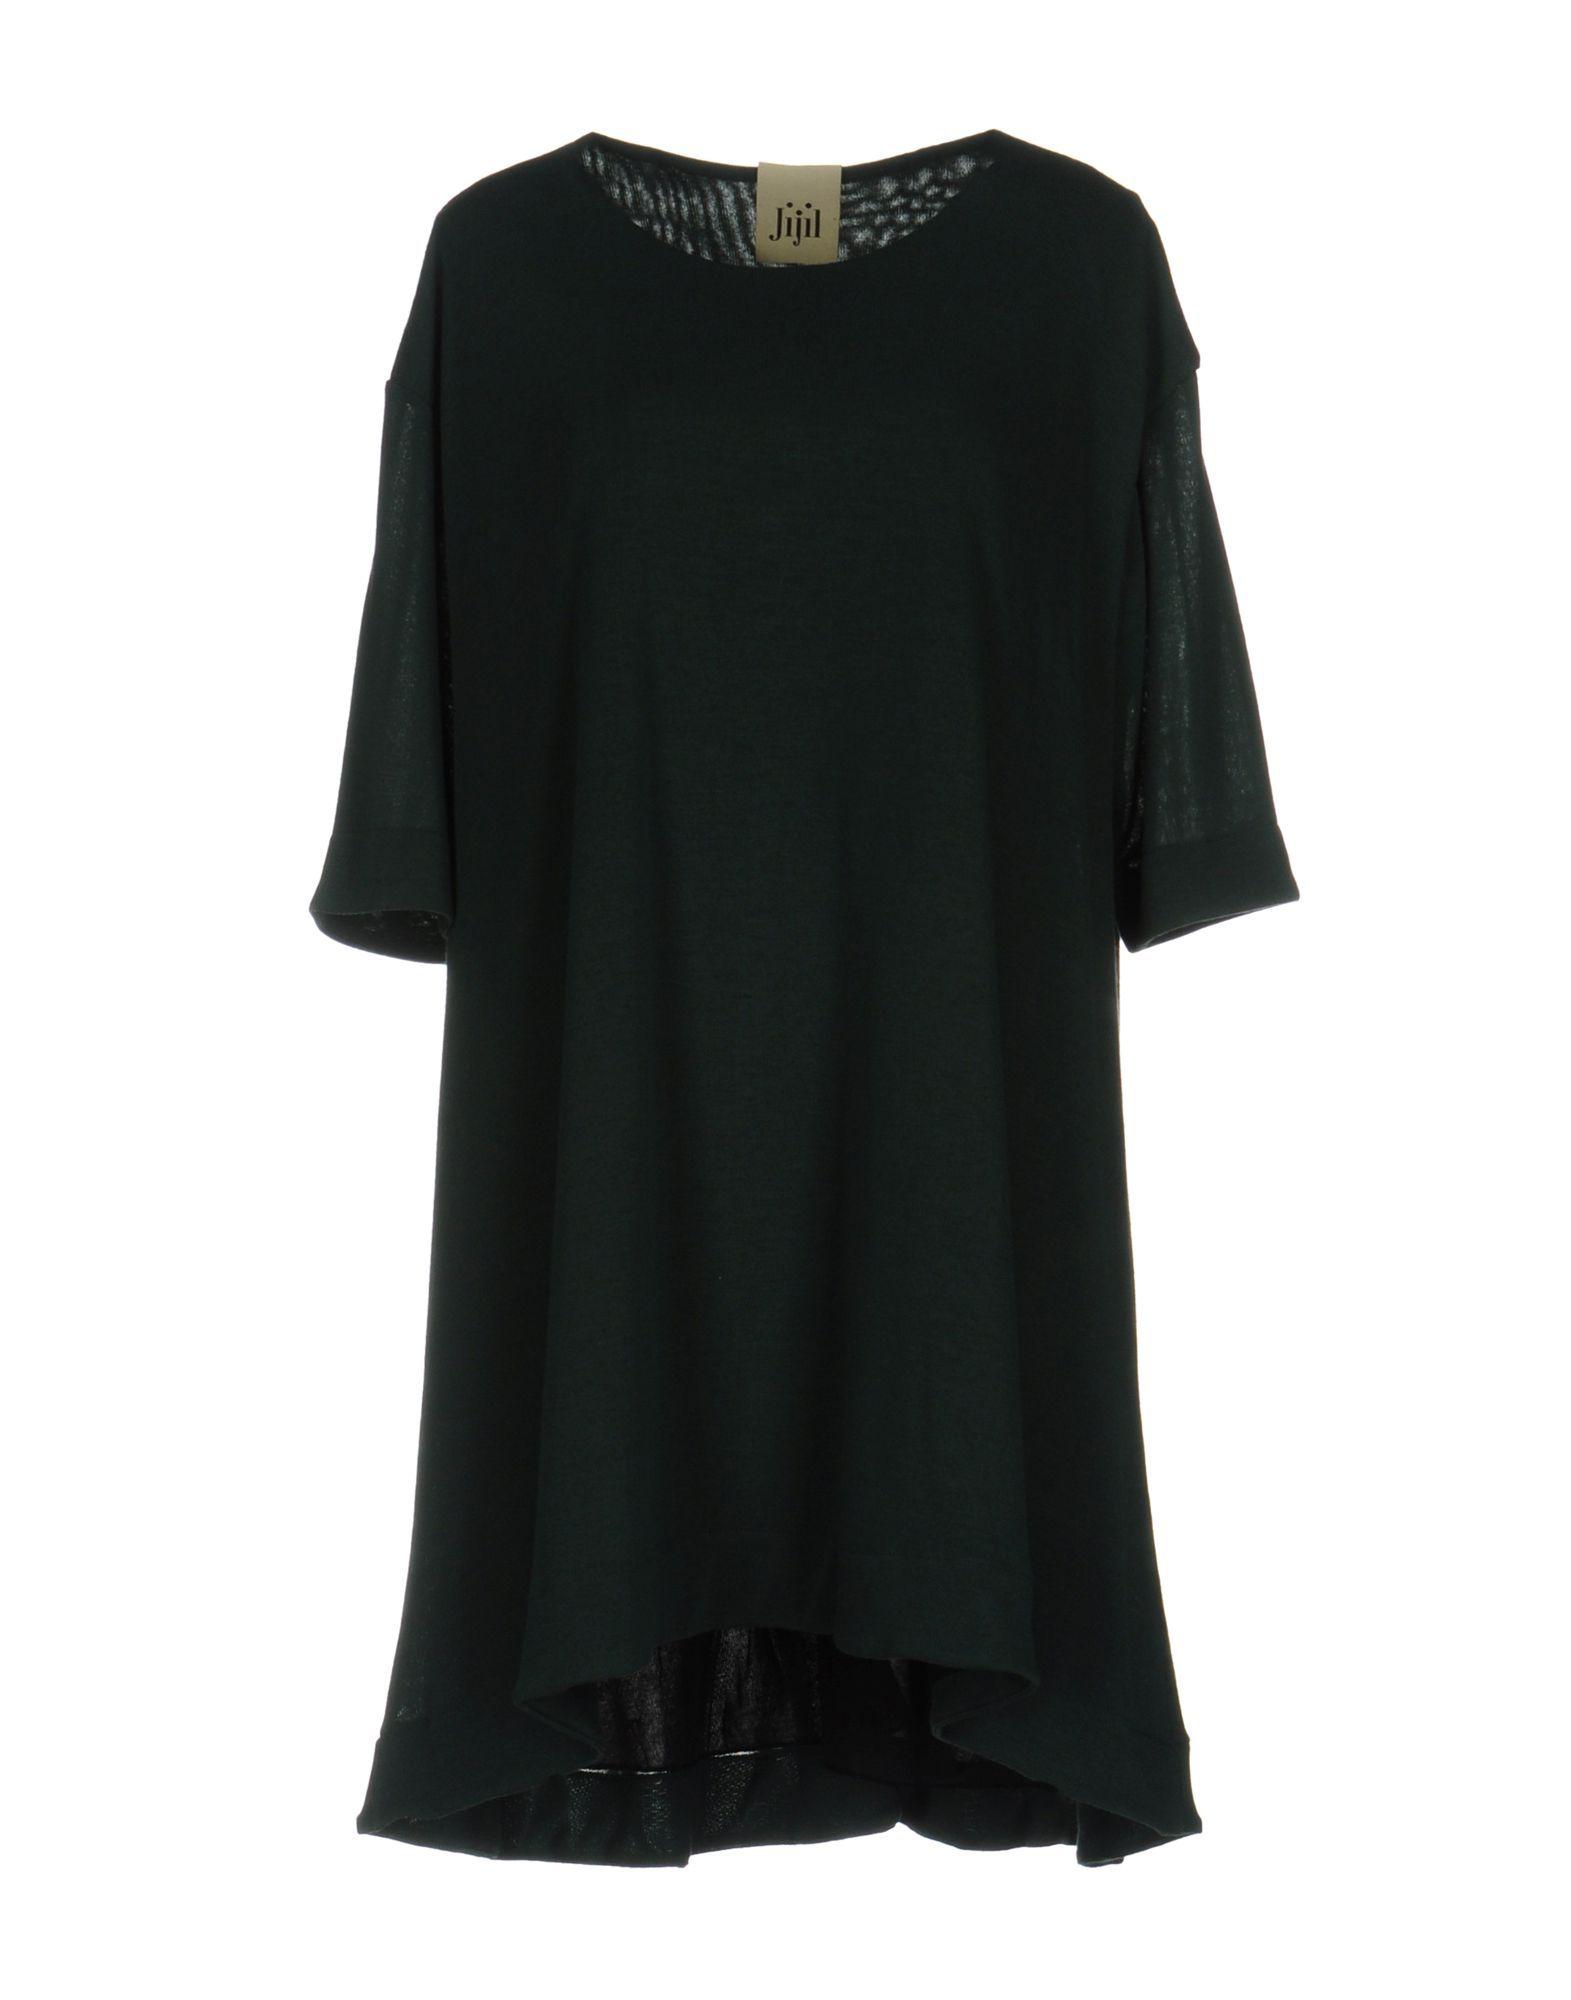 Jijil Lightweight Knit Dress